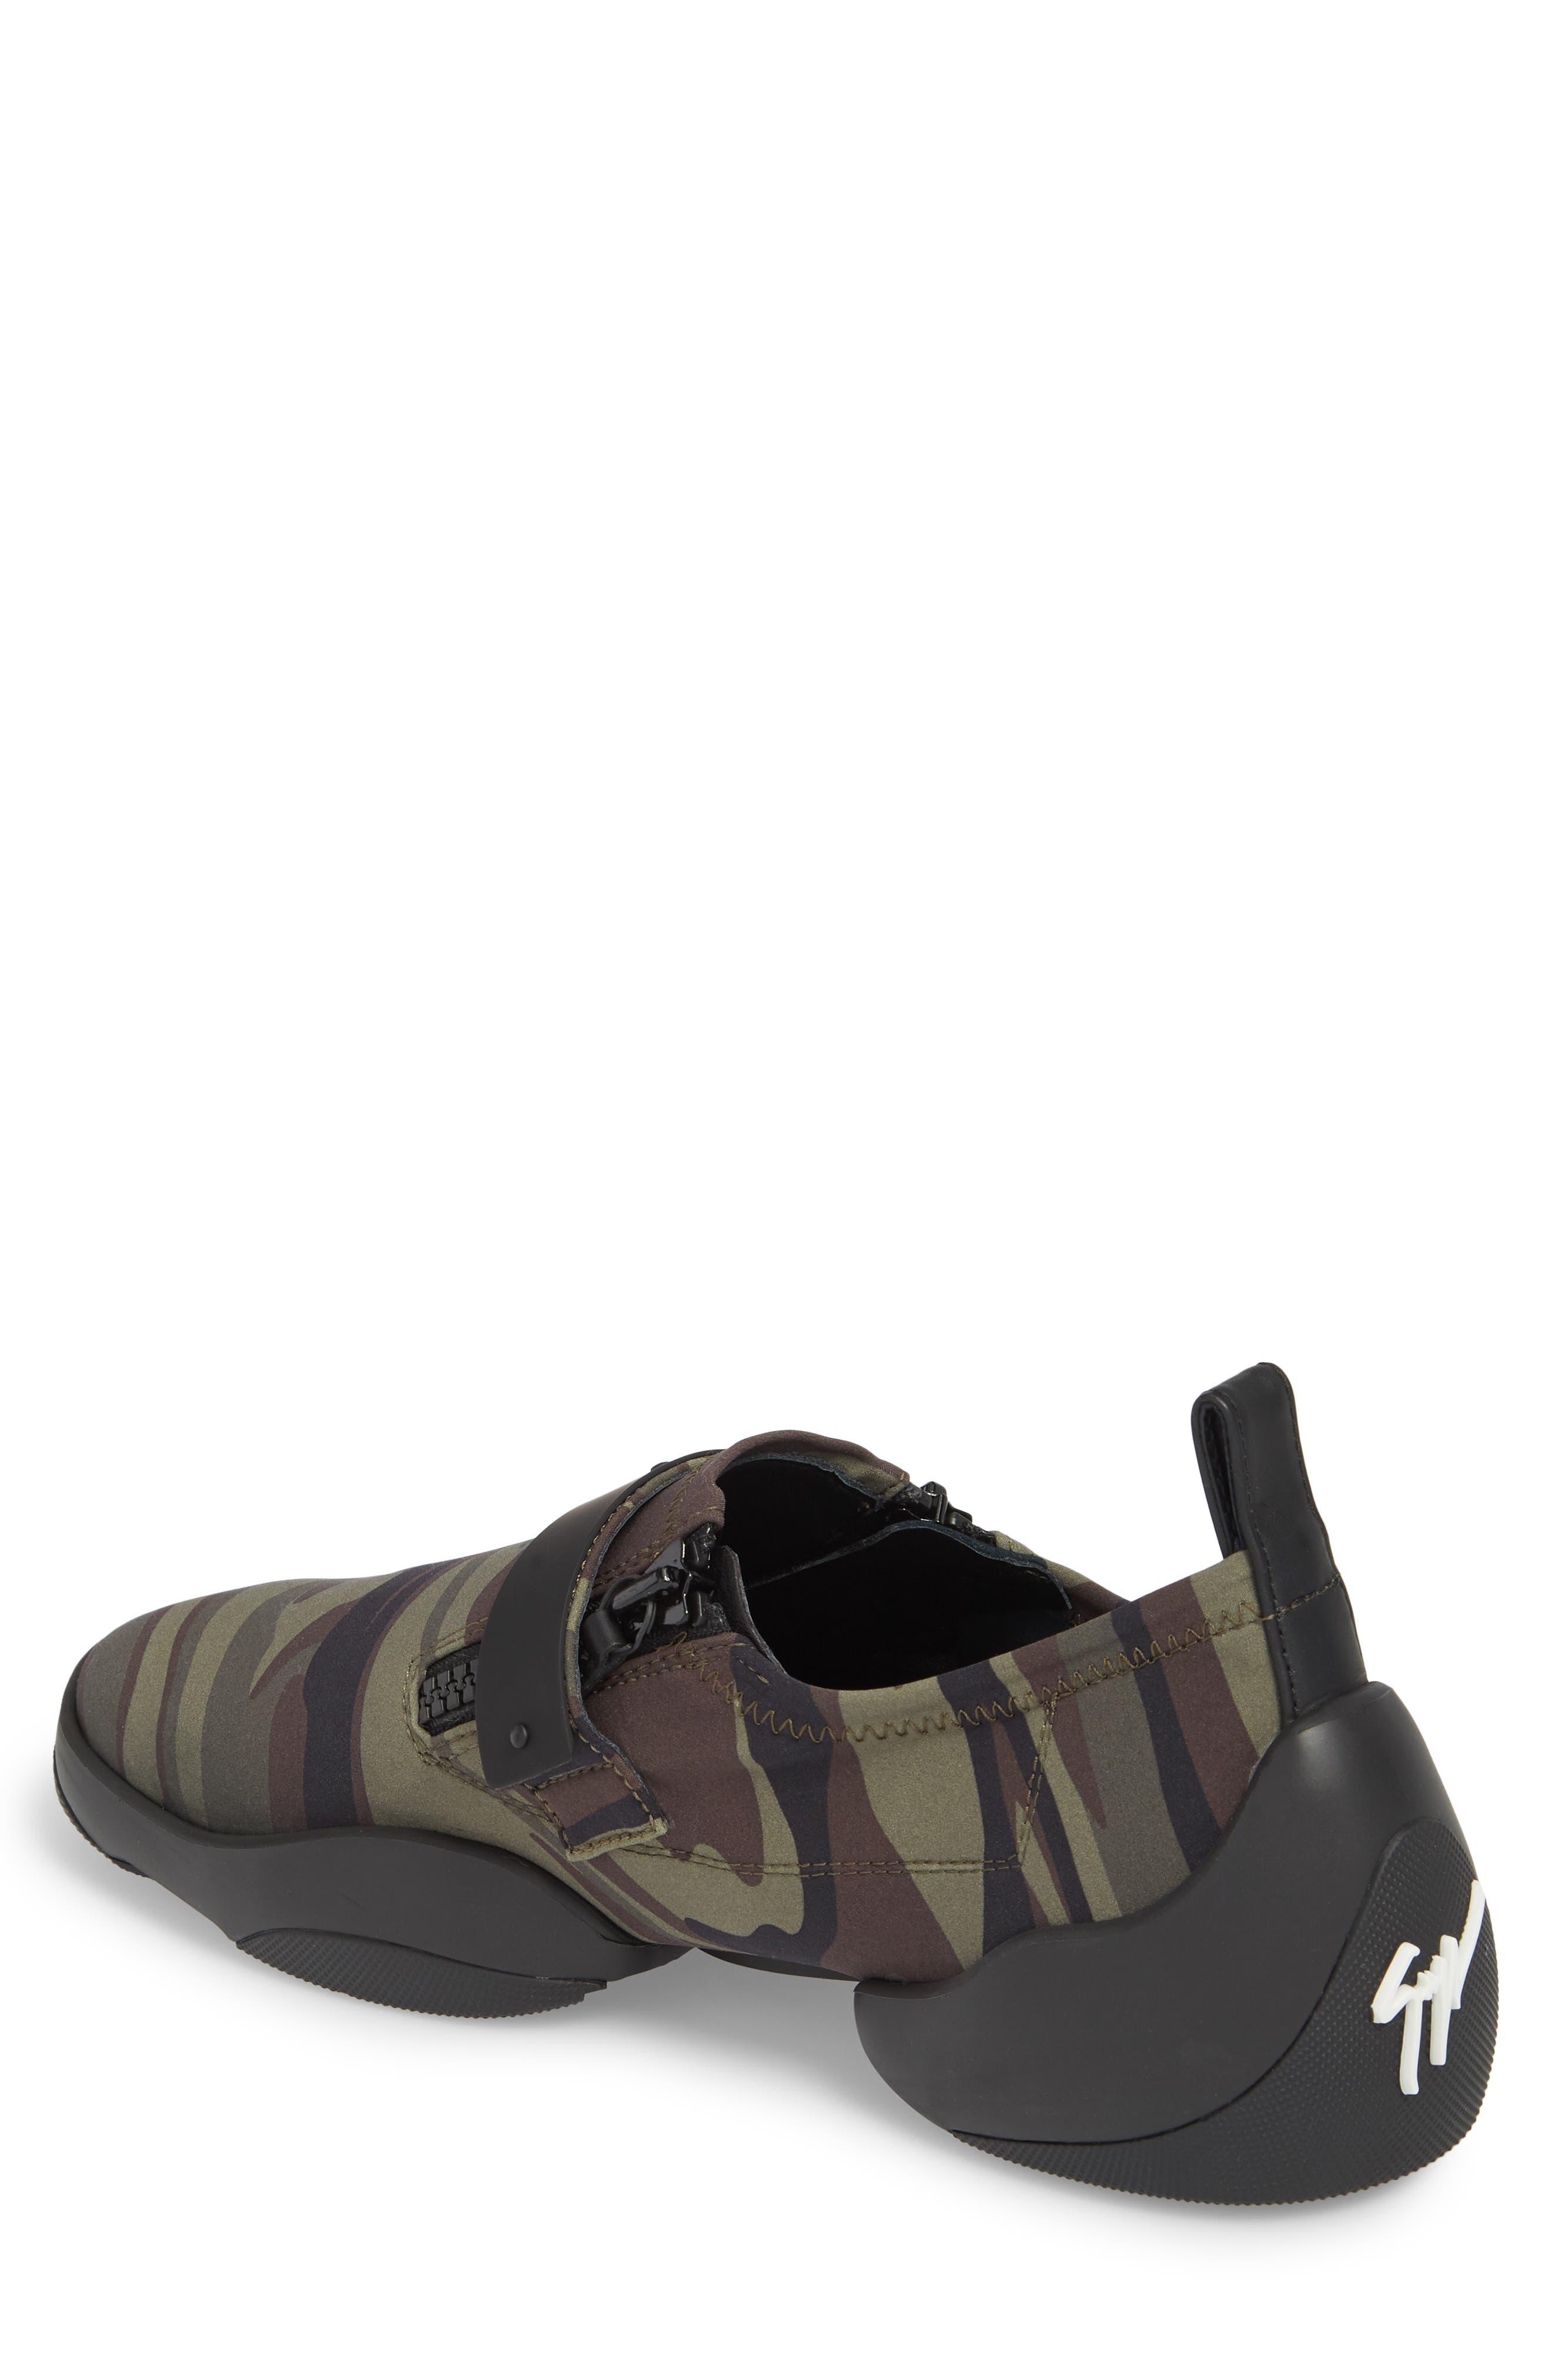 Scuba Strap Sneaker,                             Alternate thumbnail 2, color,                             Military Neoprene